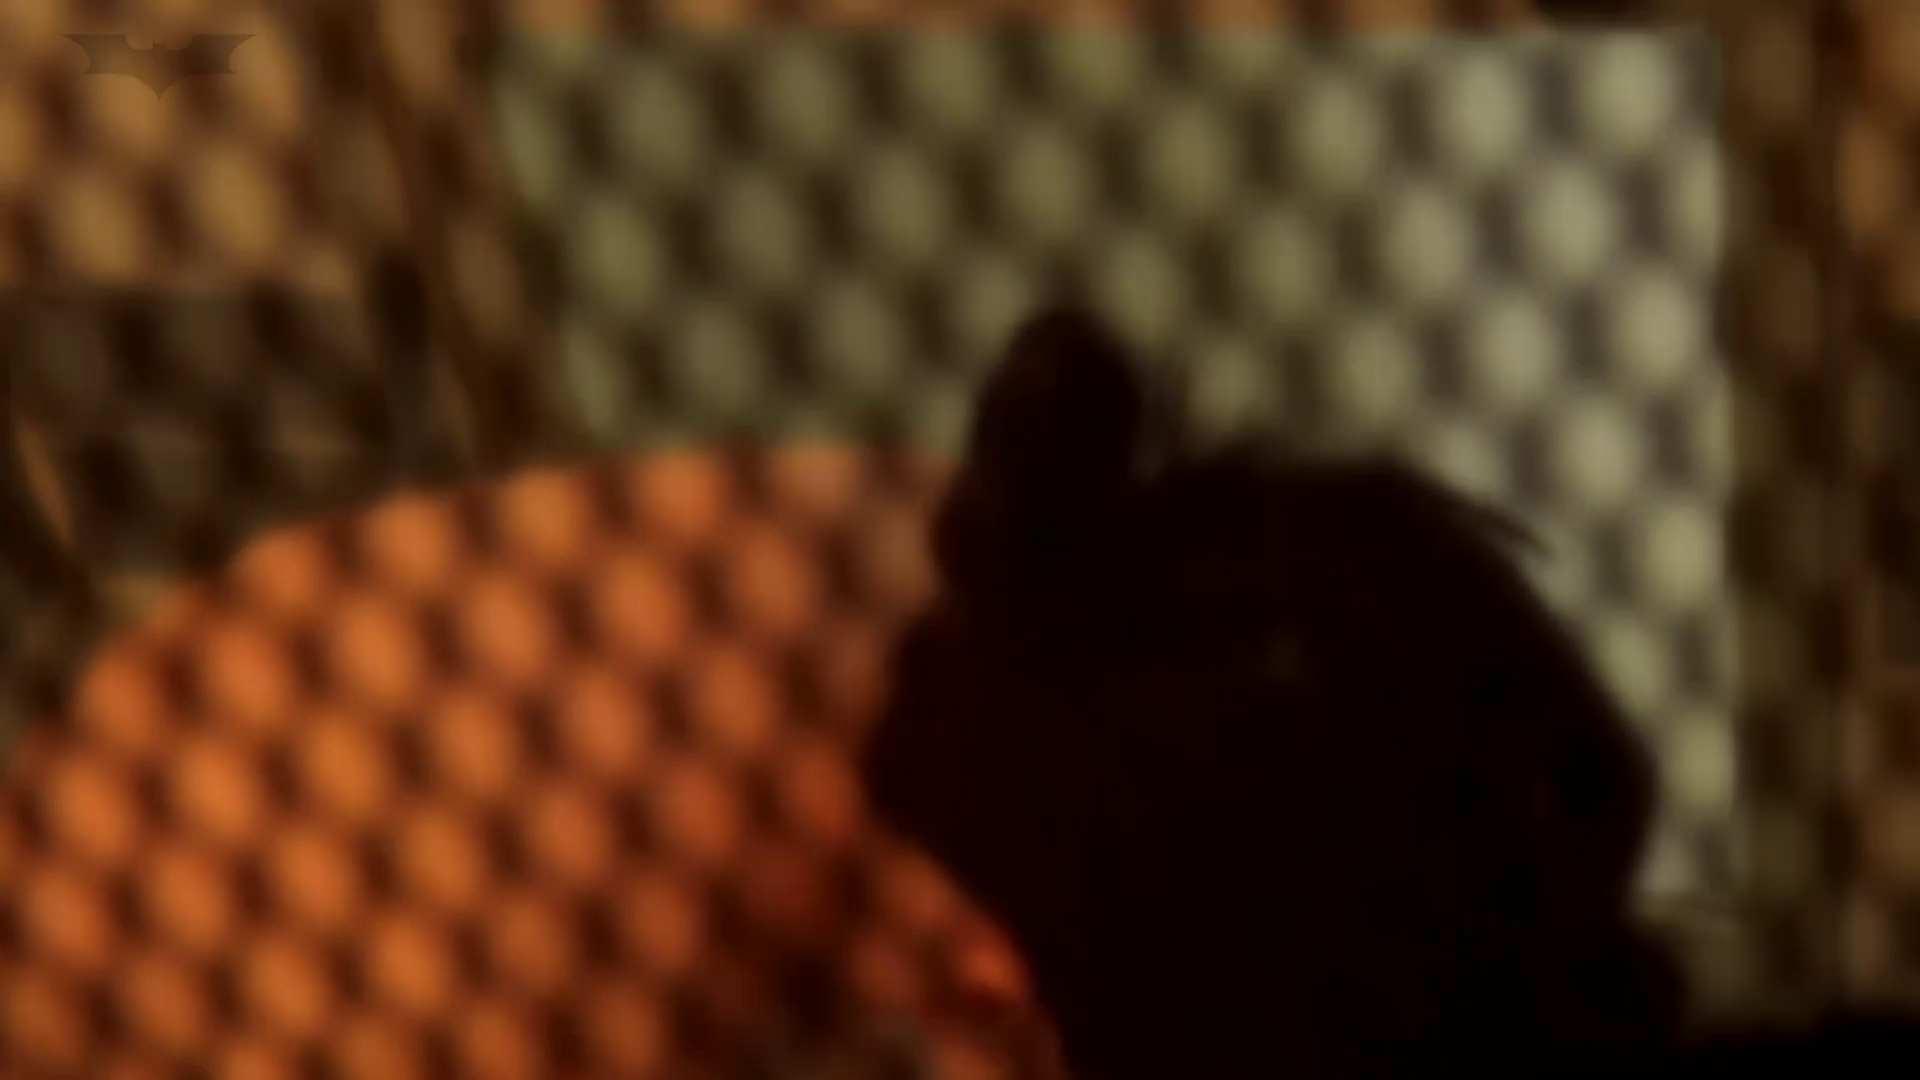 *華の女子寮ノゾキ* vol.04 陸上系?就活中のお女市さんJD 細身体型 濡れ場動画紹介 89枚 3